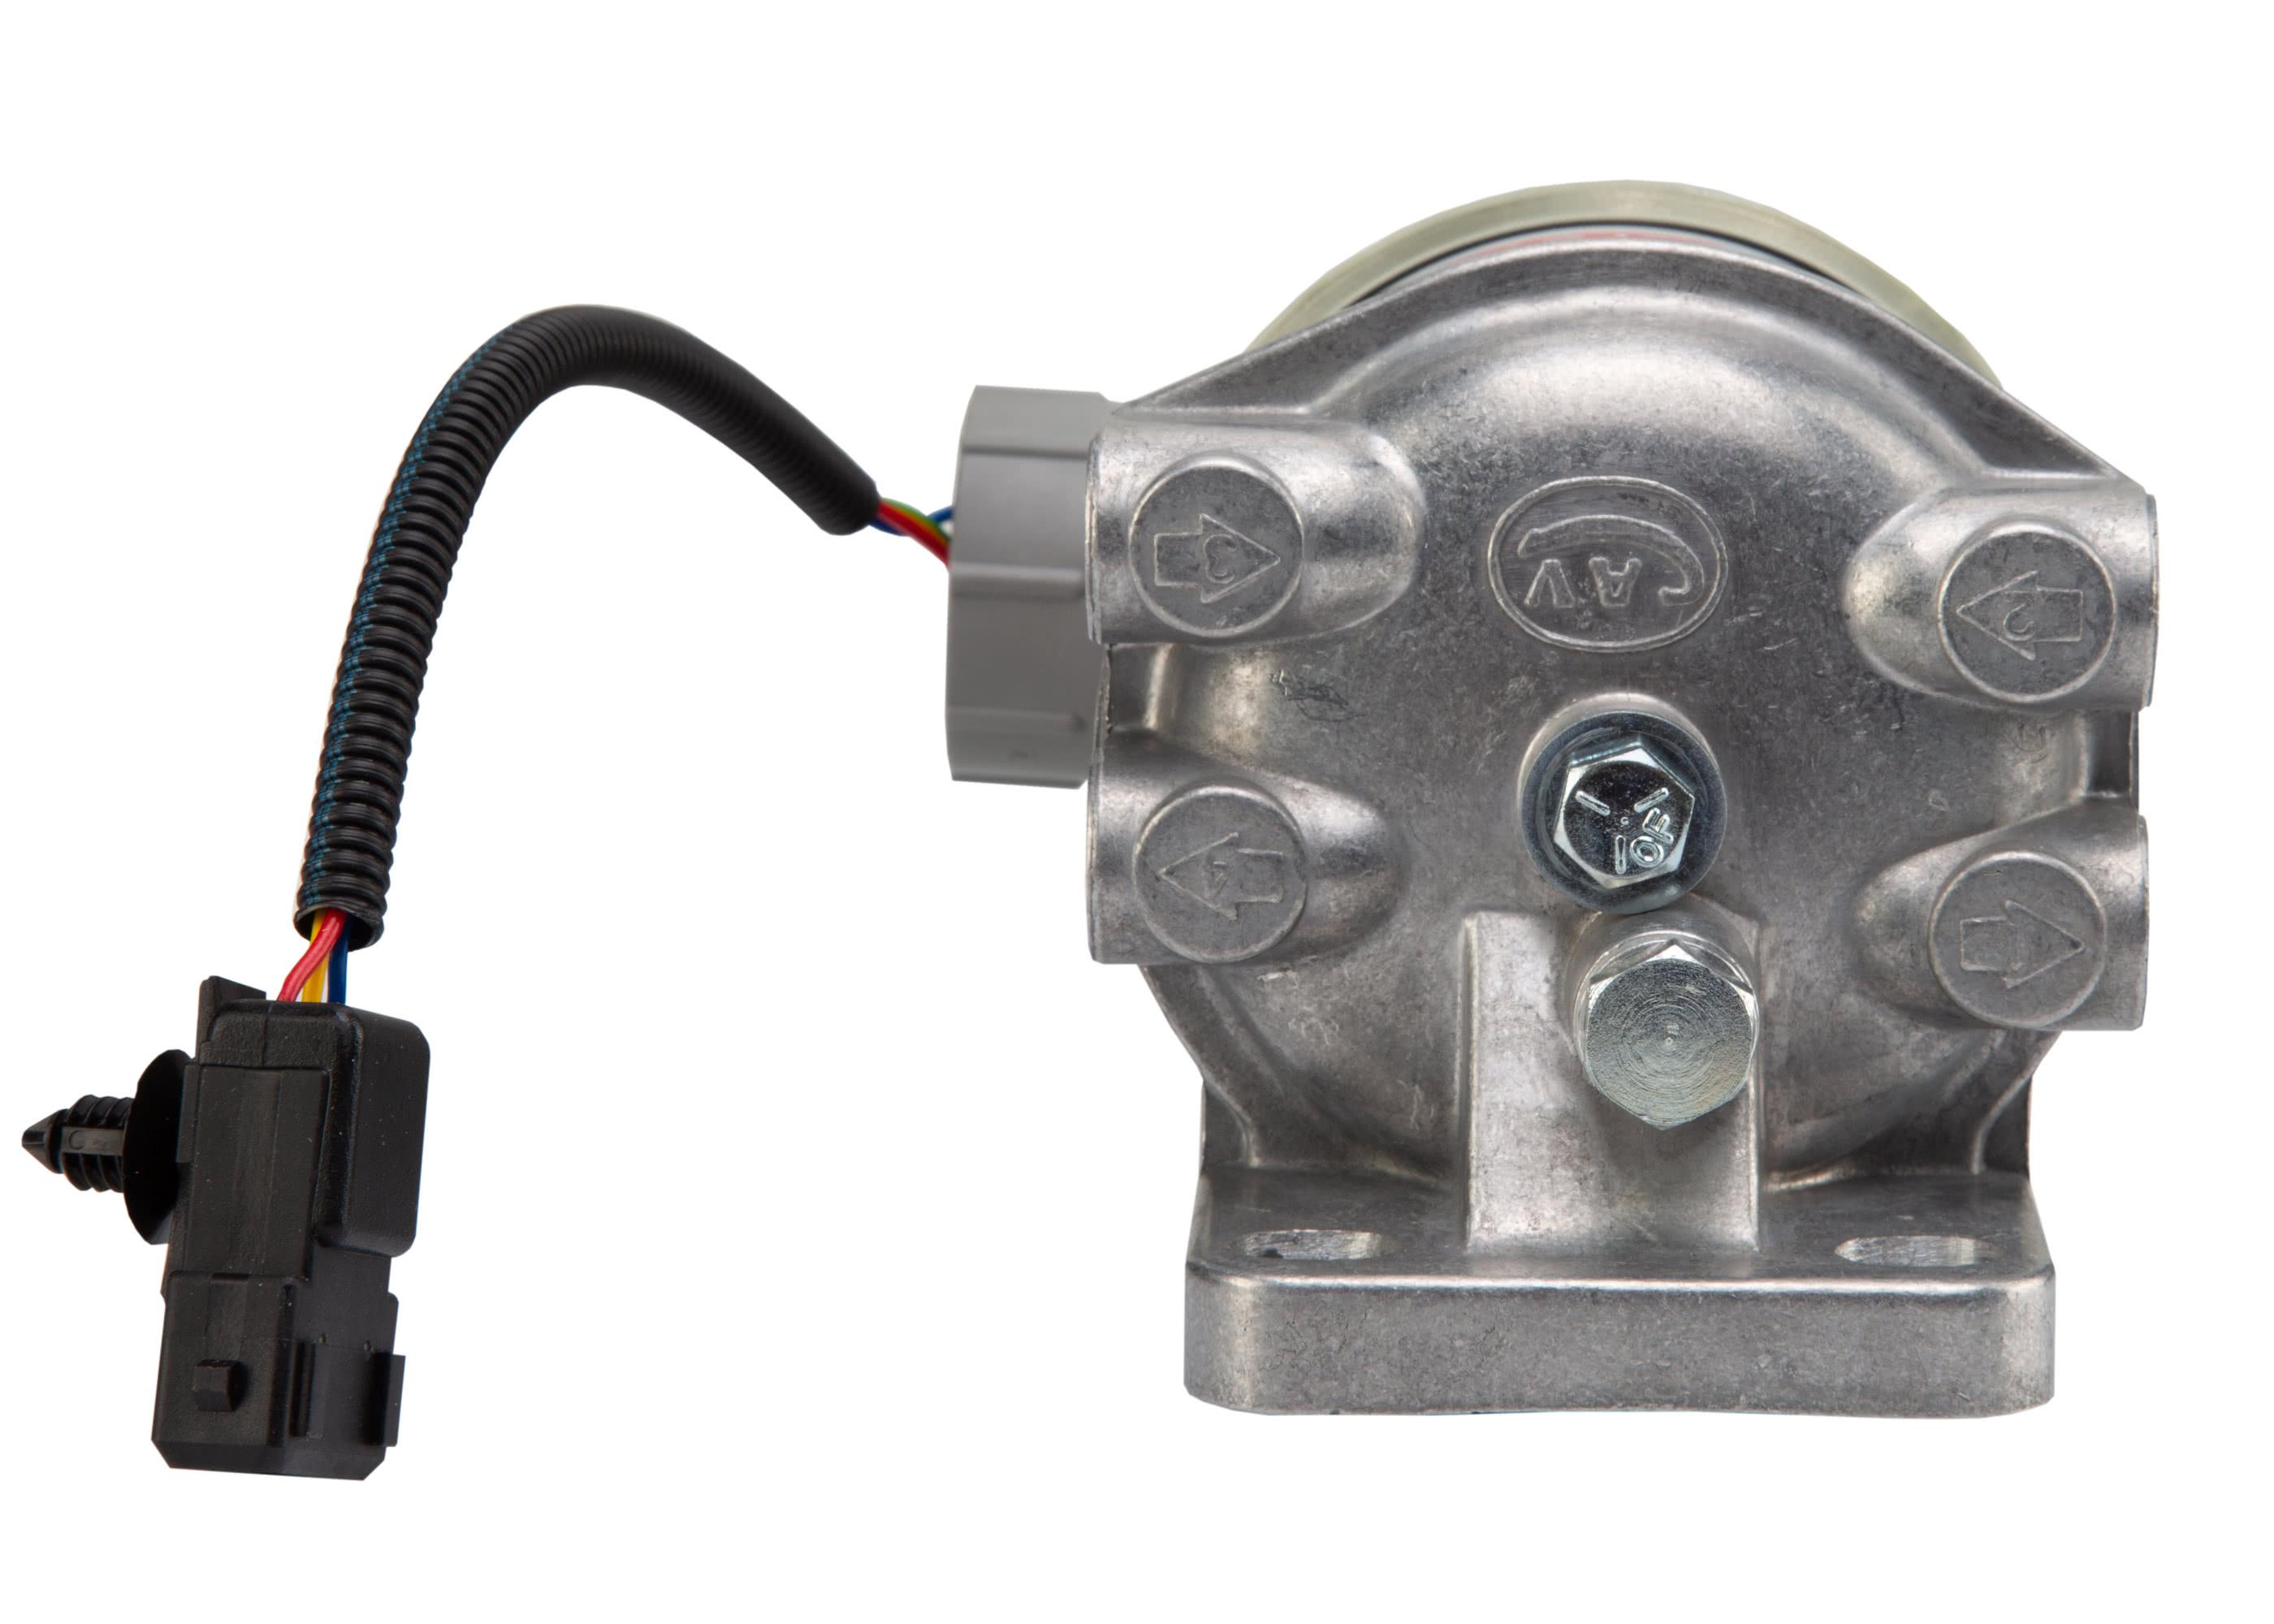 66404-Vorfilter und Wasserabscheider Typ CAV FLOW 50S-mit Wassersensor-bis 137 PS (100 kW)-2.jpg